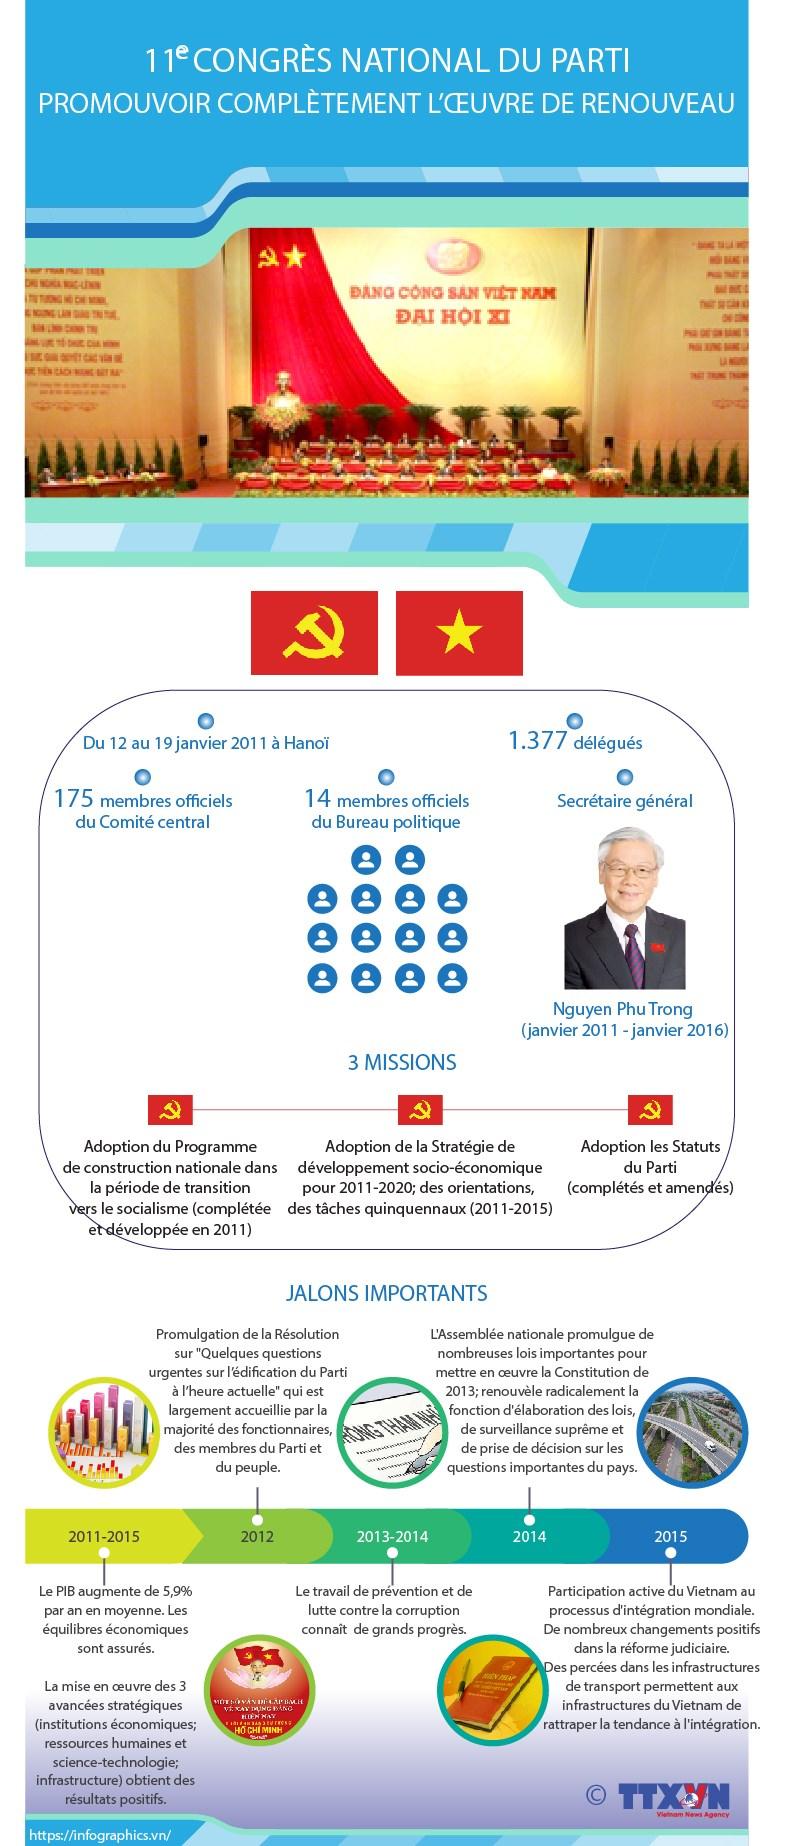 11e Congres national du Parti: Promouvoir completement l'œuvre de Renouveau hinh anh 1